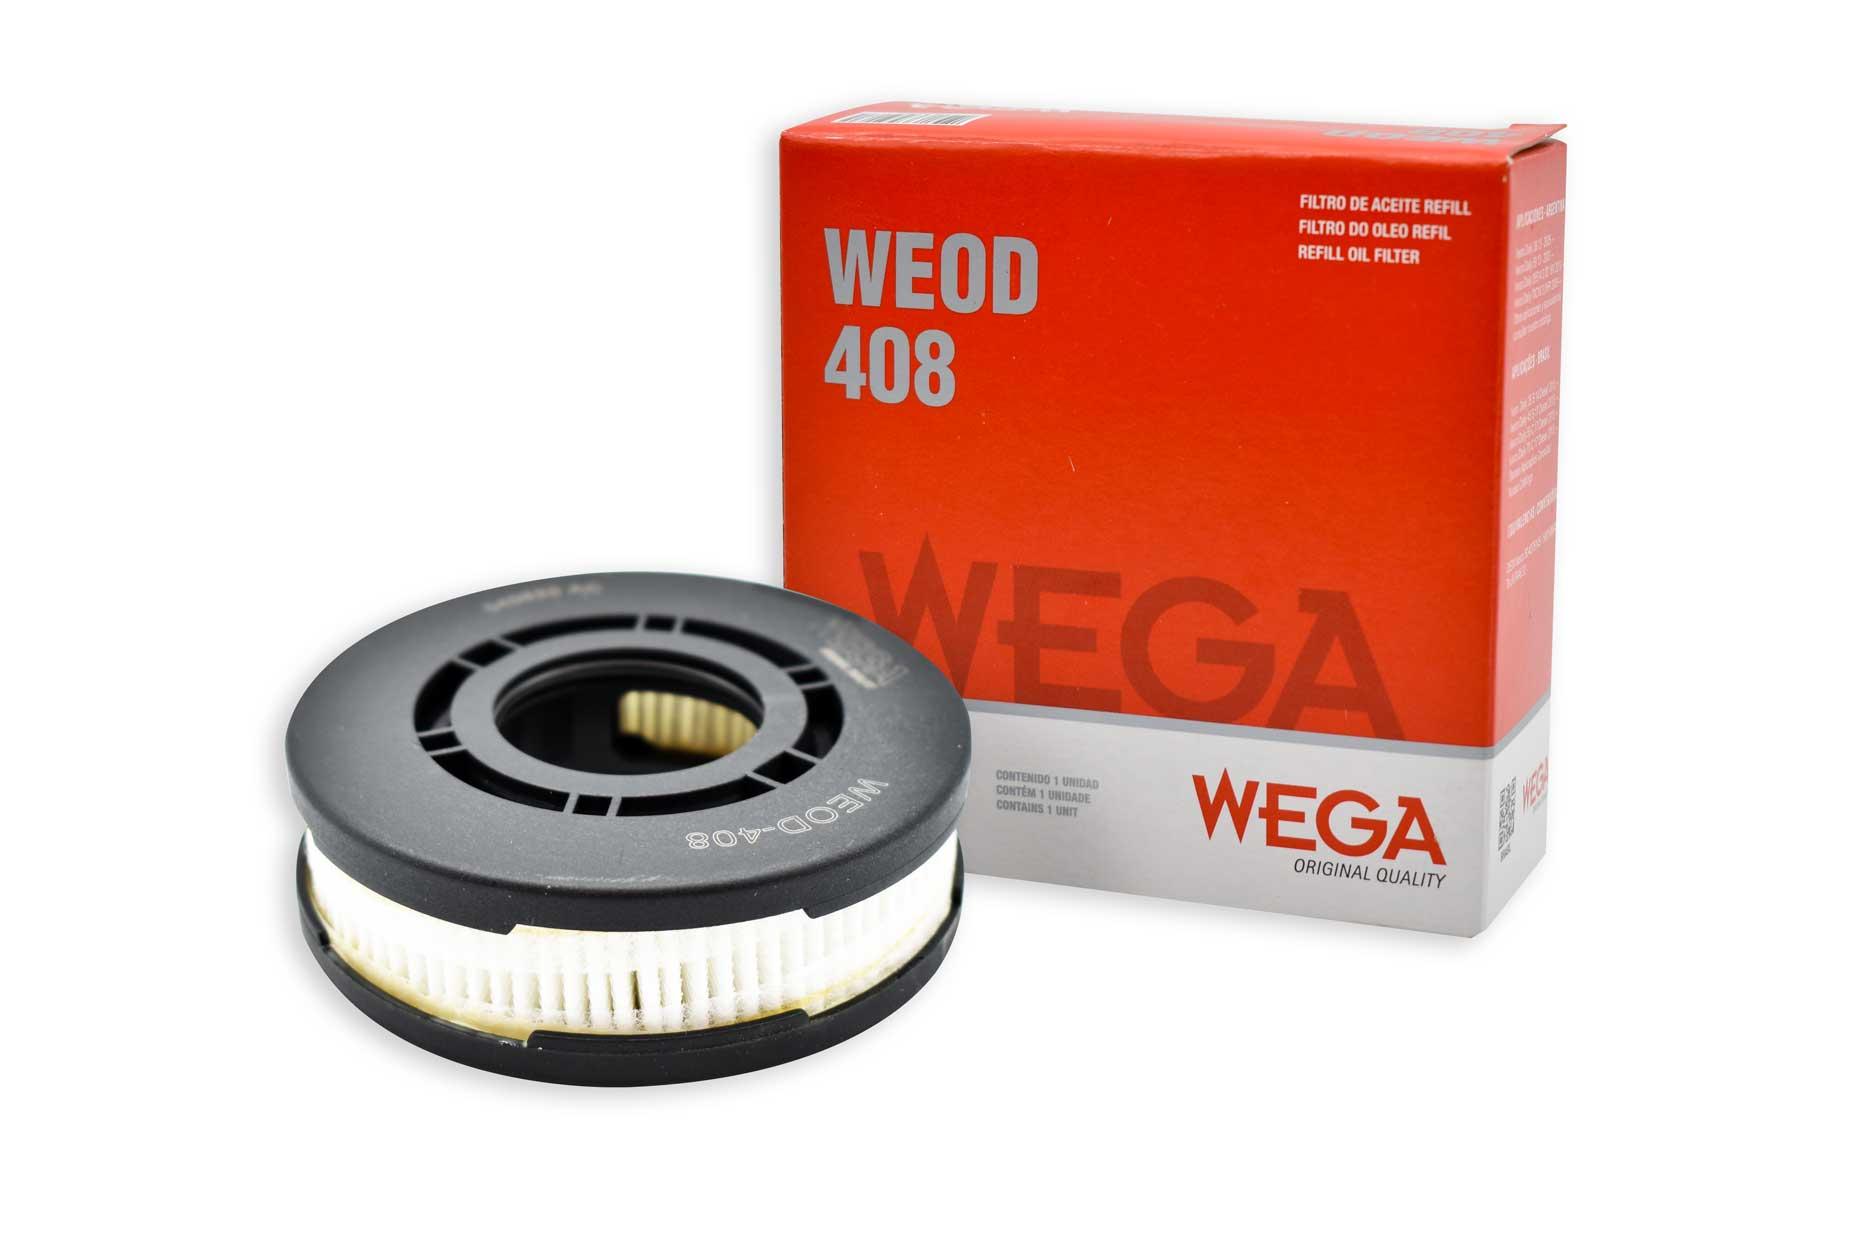 Código: WEOD-408